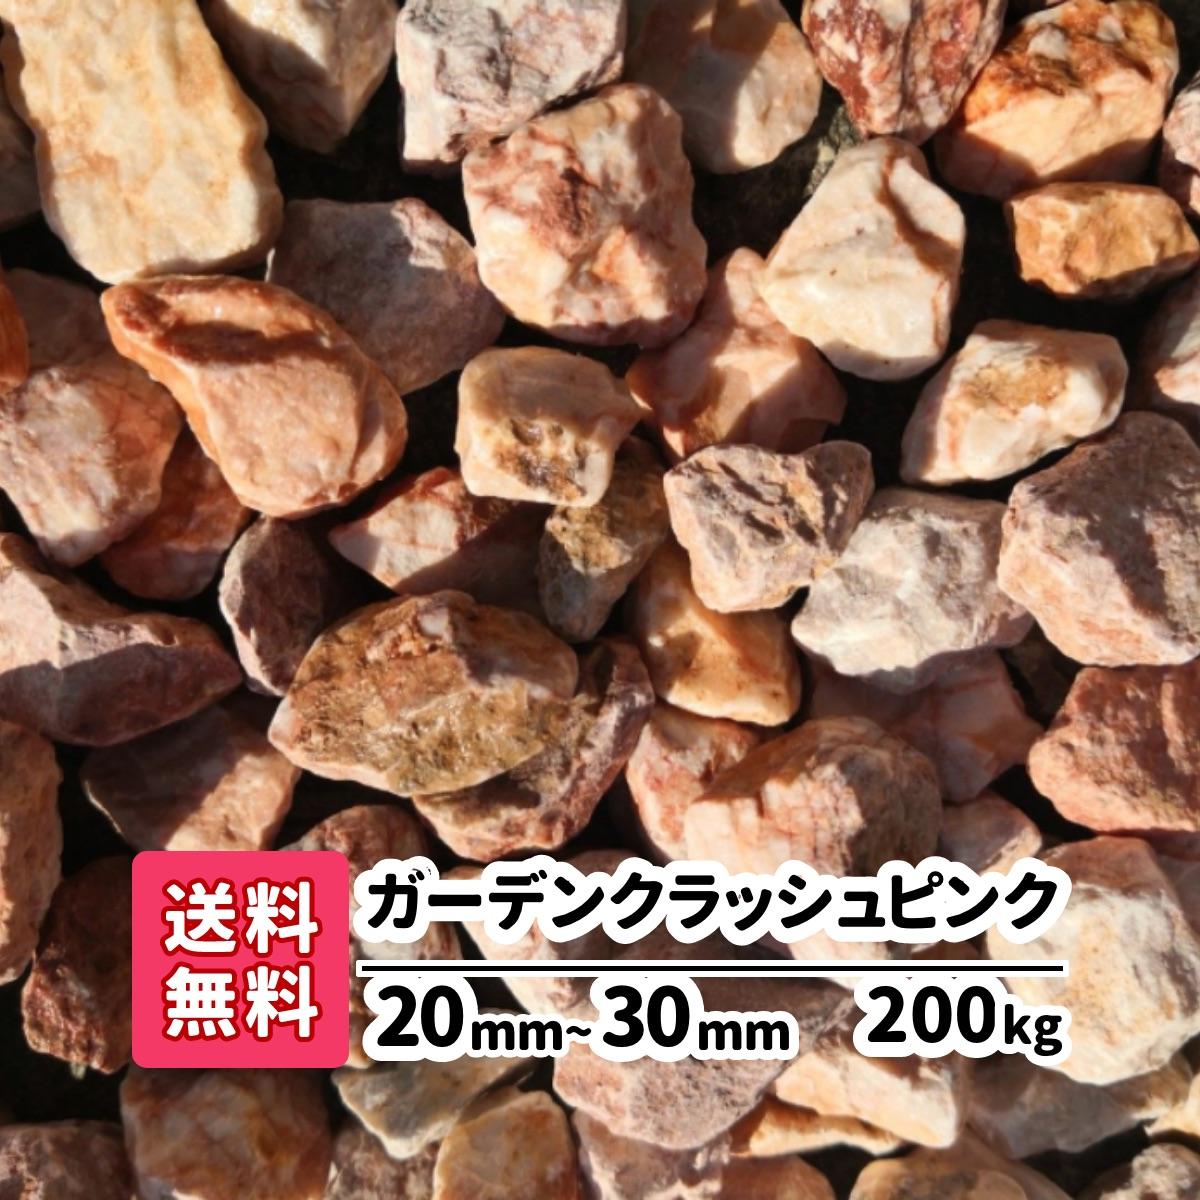 【送料無料】200kg ガーデンクラッシュピンク 20mm~30mm(20kg×10)砂利 庭 アプローチ 化粧砂利 石 おしゃれ ガーデニング